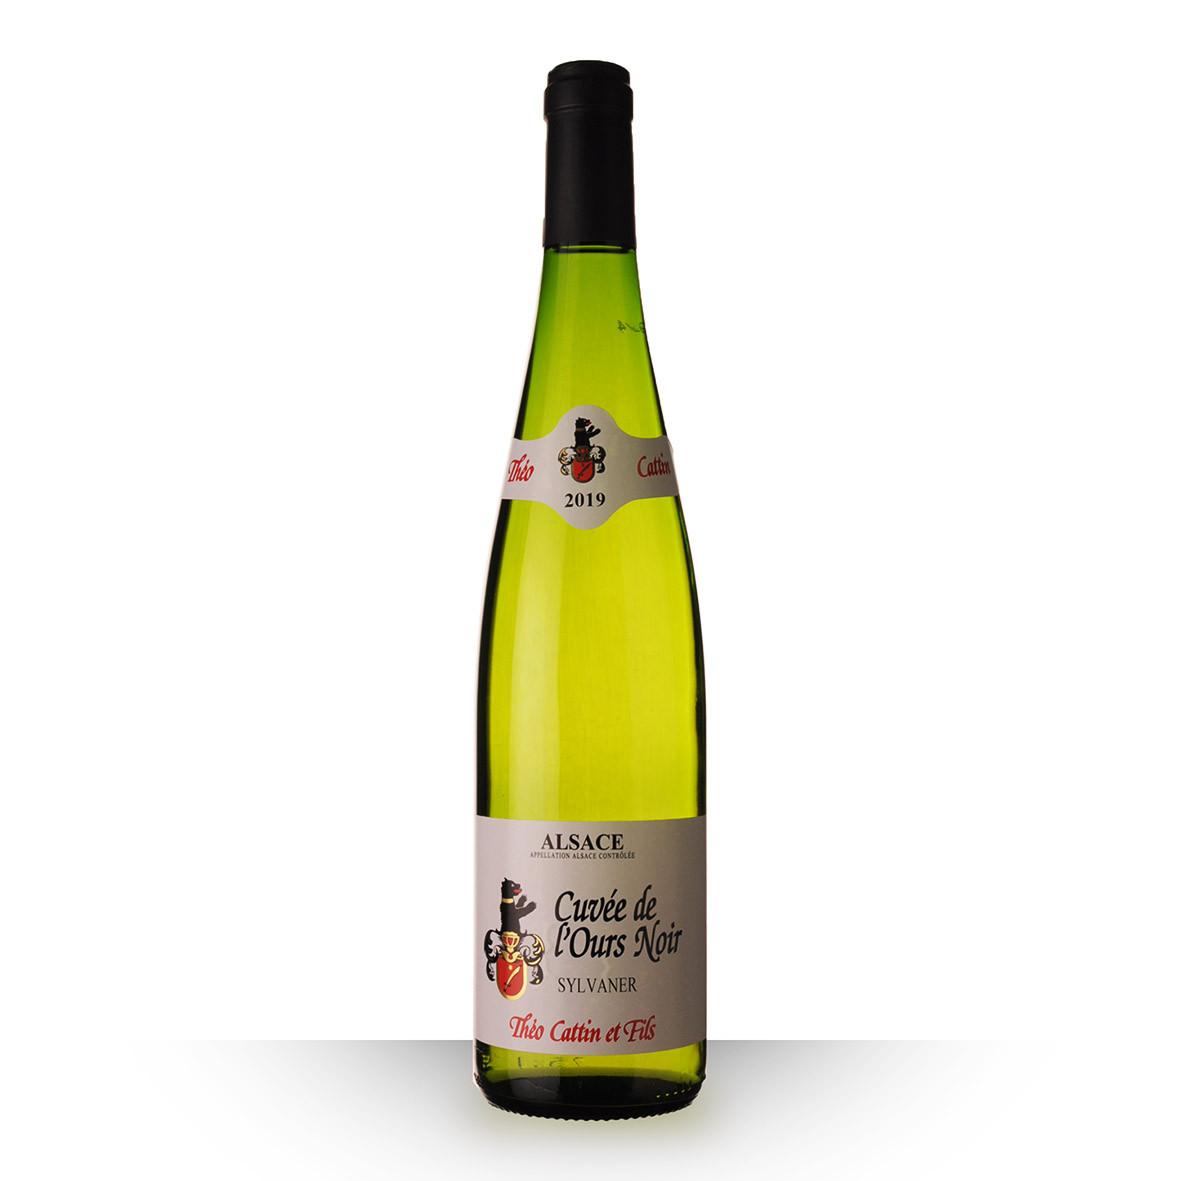 Théo Cattin Cuvée de lOurs Noir Alsace Sylvaner Blanc 2019 75cl www.odyssee-vins.com